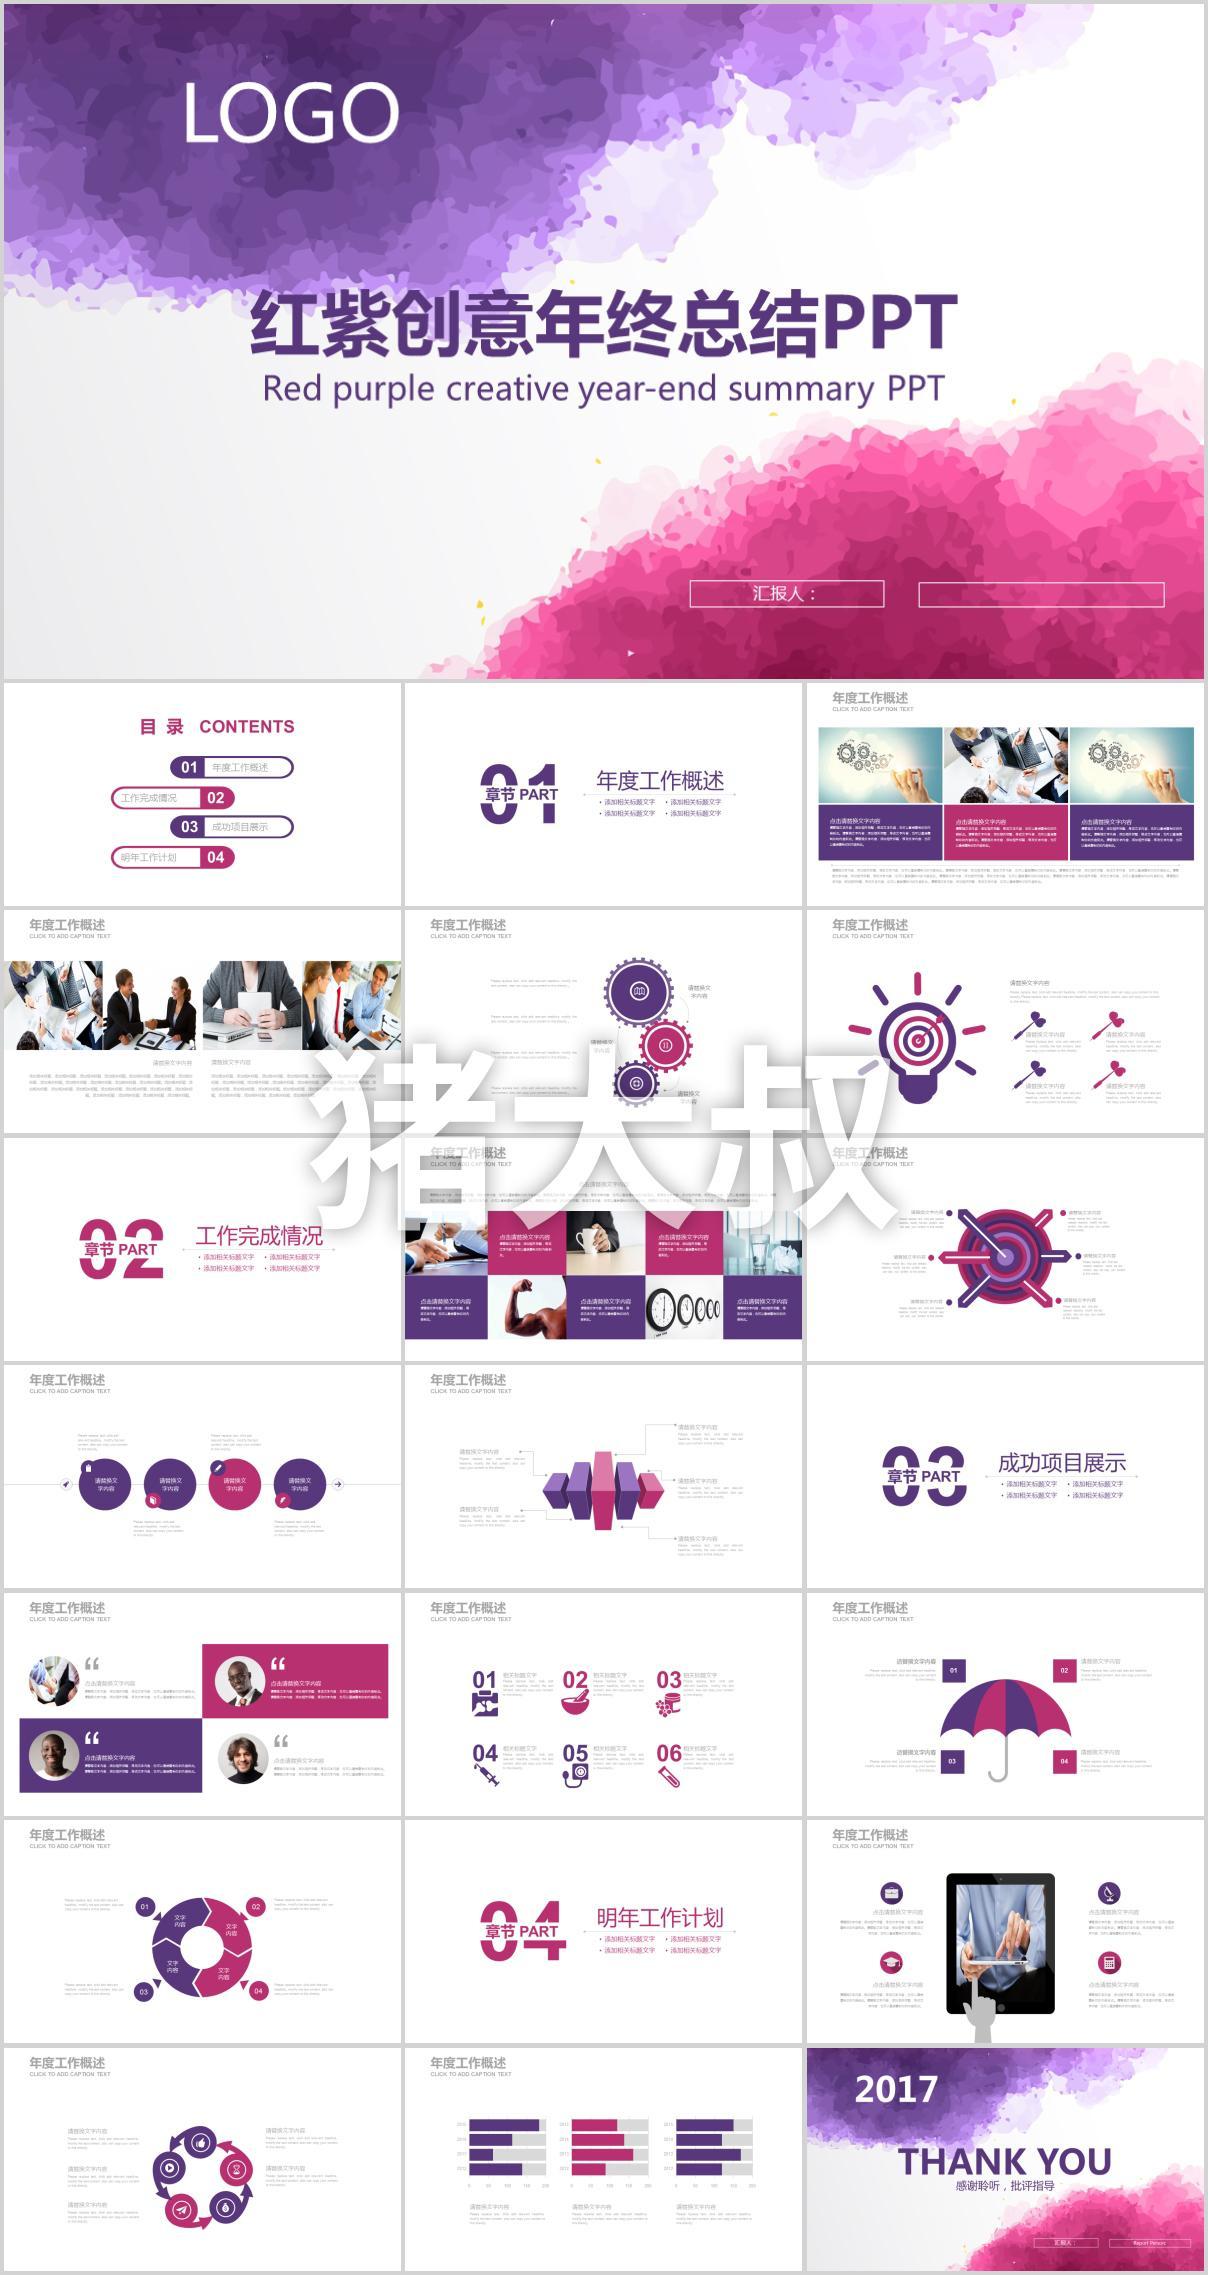 商务风格紫色PPT模板